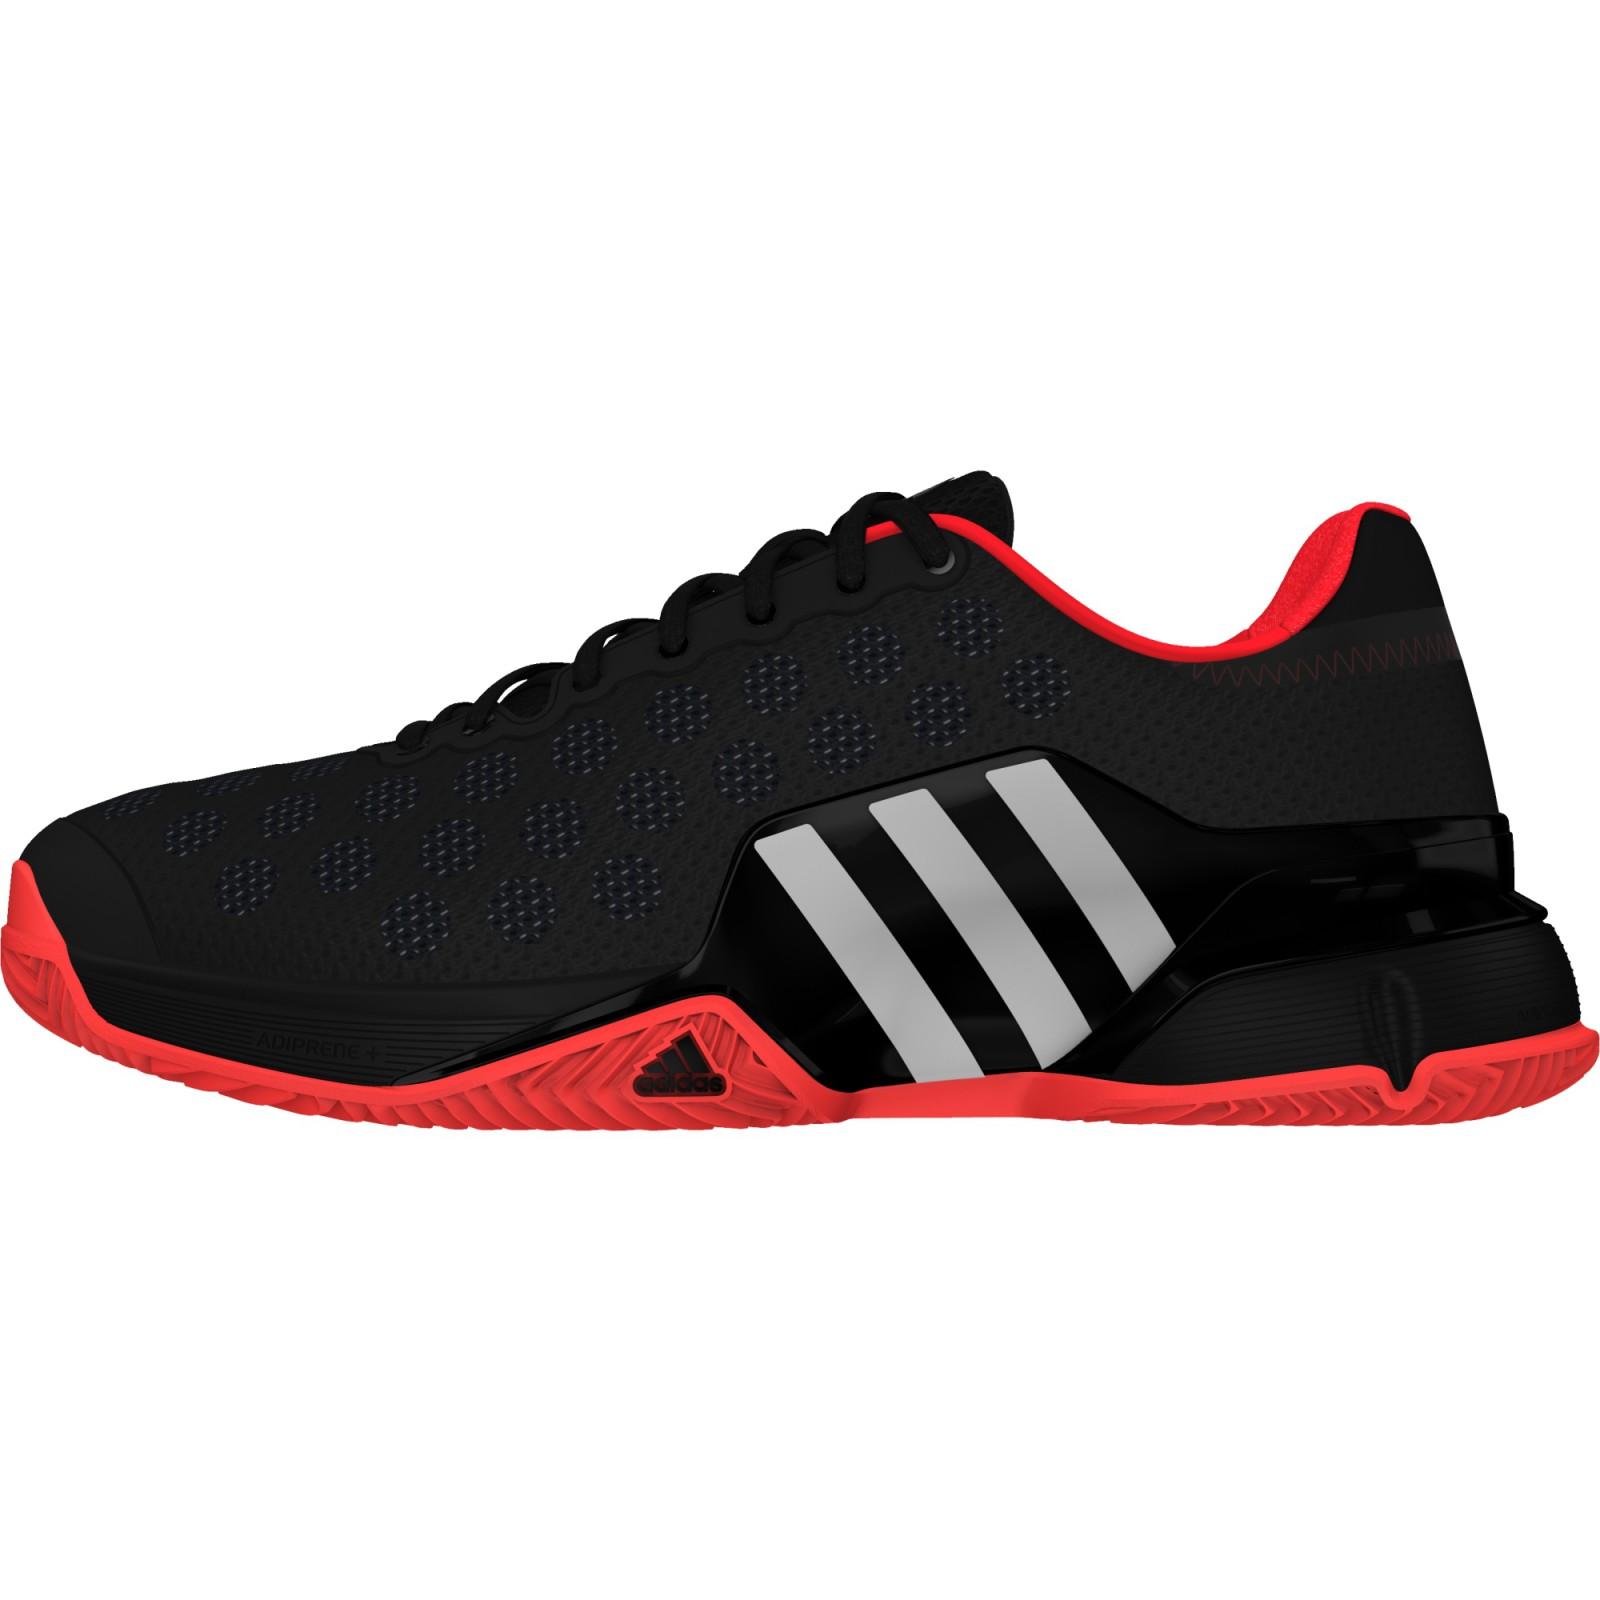 Pánské tenisové boty adidas barricade 2015 clay  bda12a2158